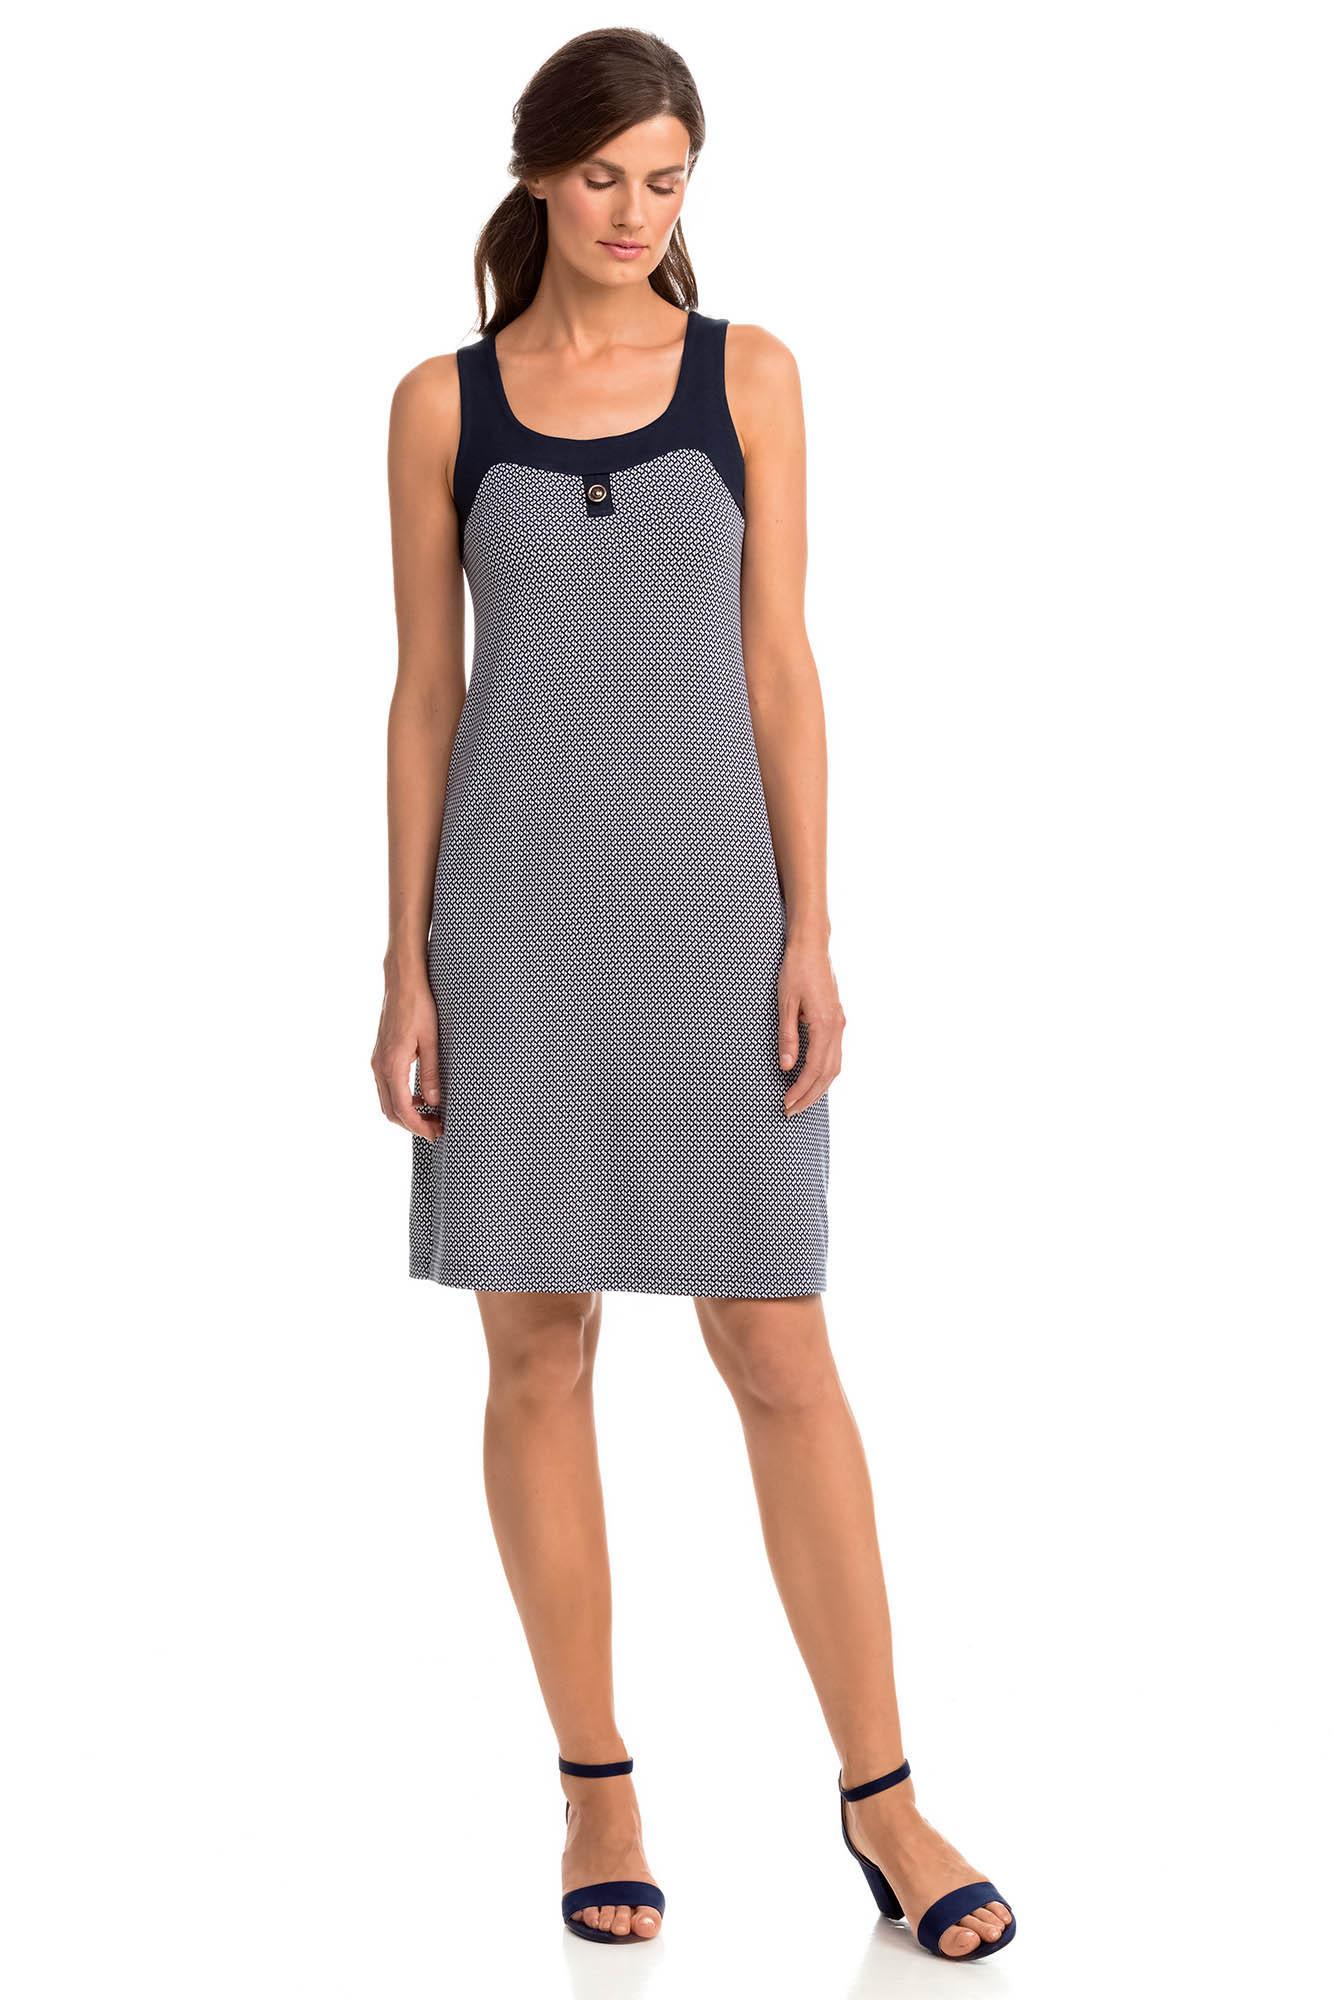 Vamp - Elegantní vzorované dámské šaty 14455 - Vamp blue s